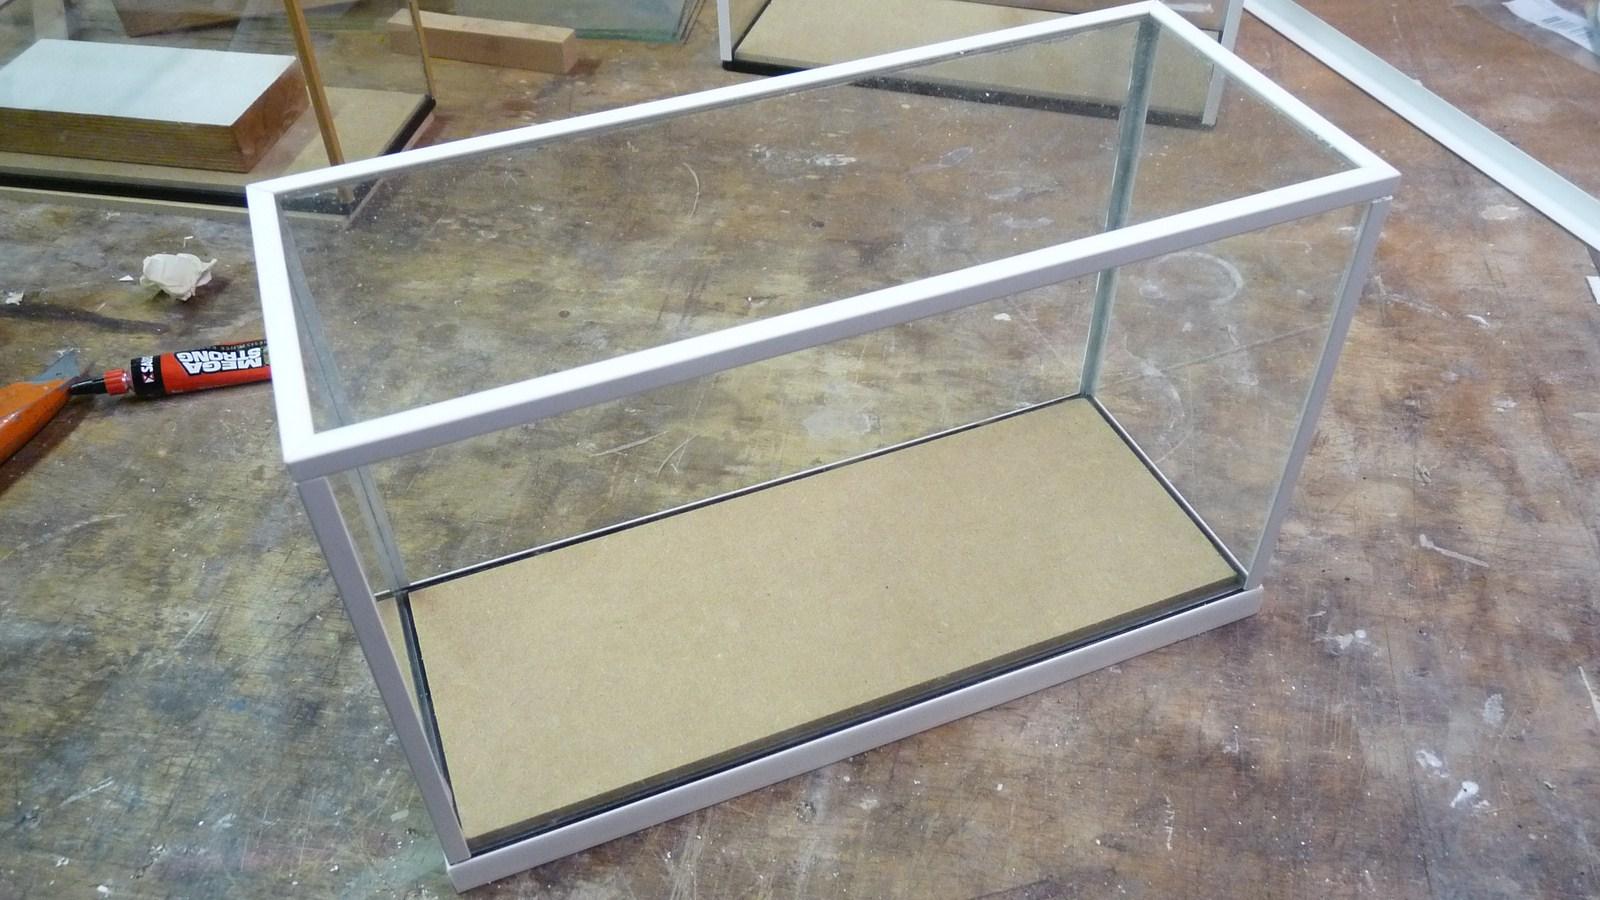 fabriquer une vitrine - Fabriquer ses propres vitrines en verre 17071907271023134915156558